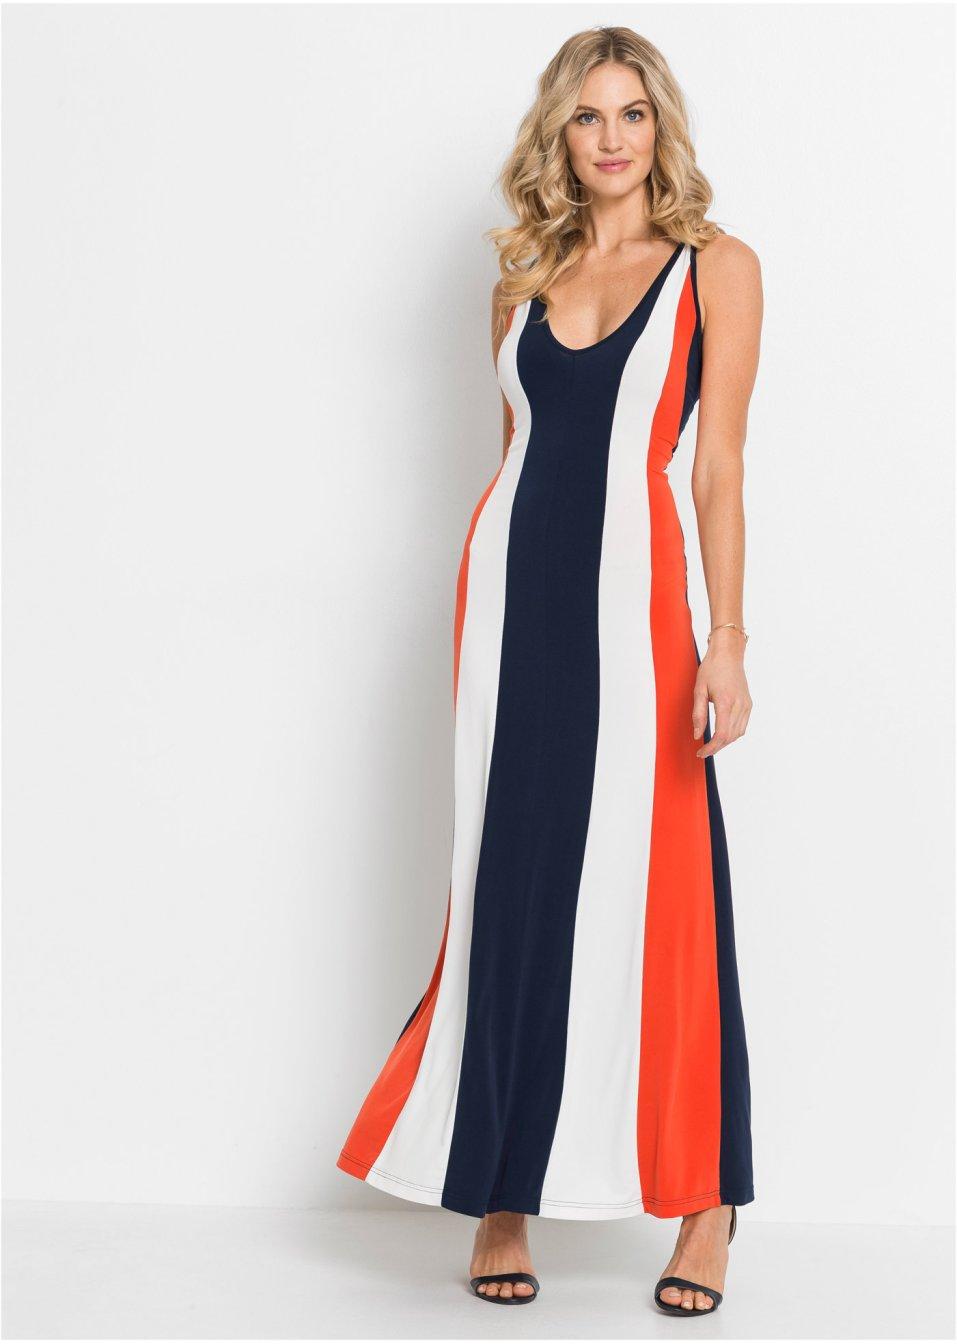 Langes Kleid mit Streifen und raffinierter Trägerlösung ...